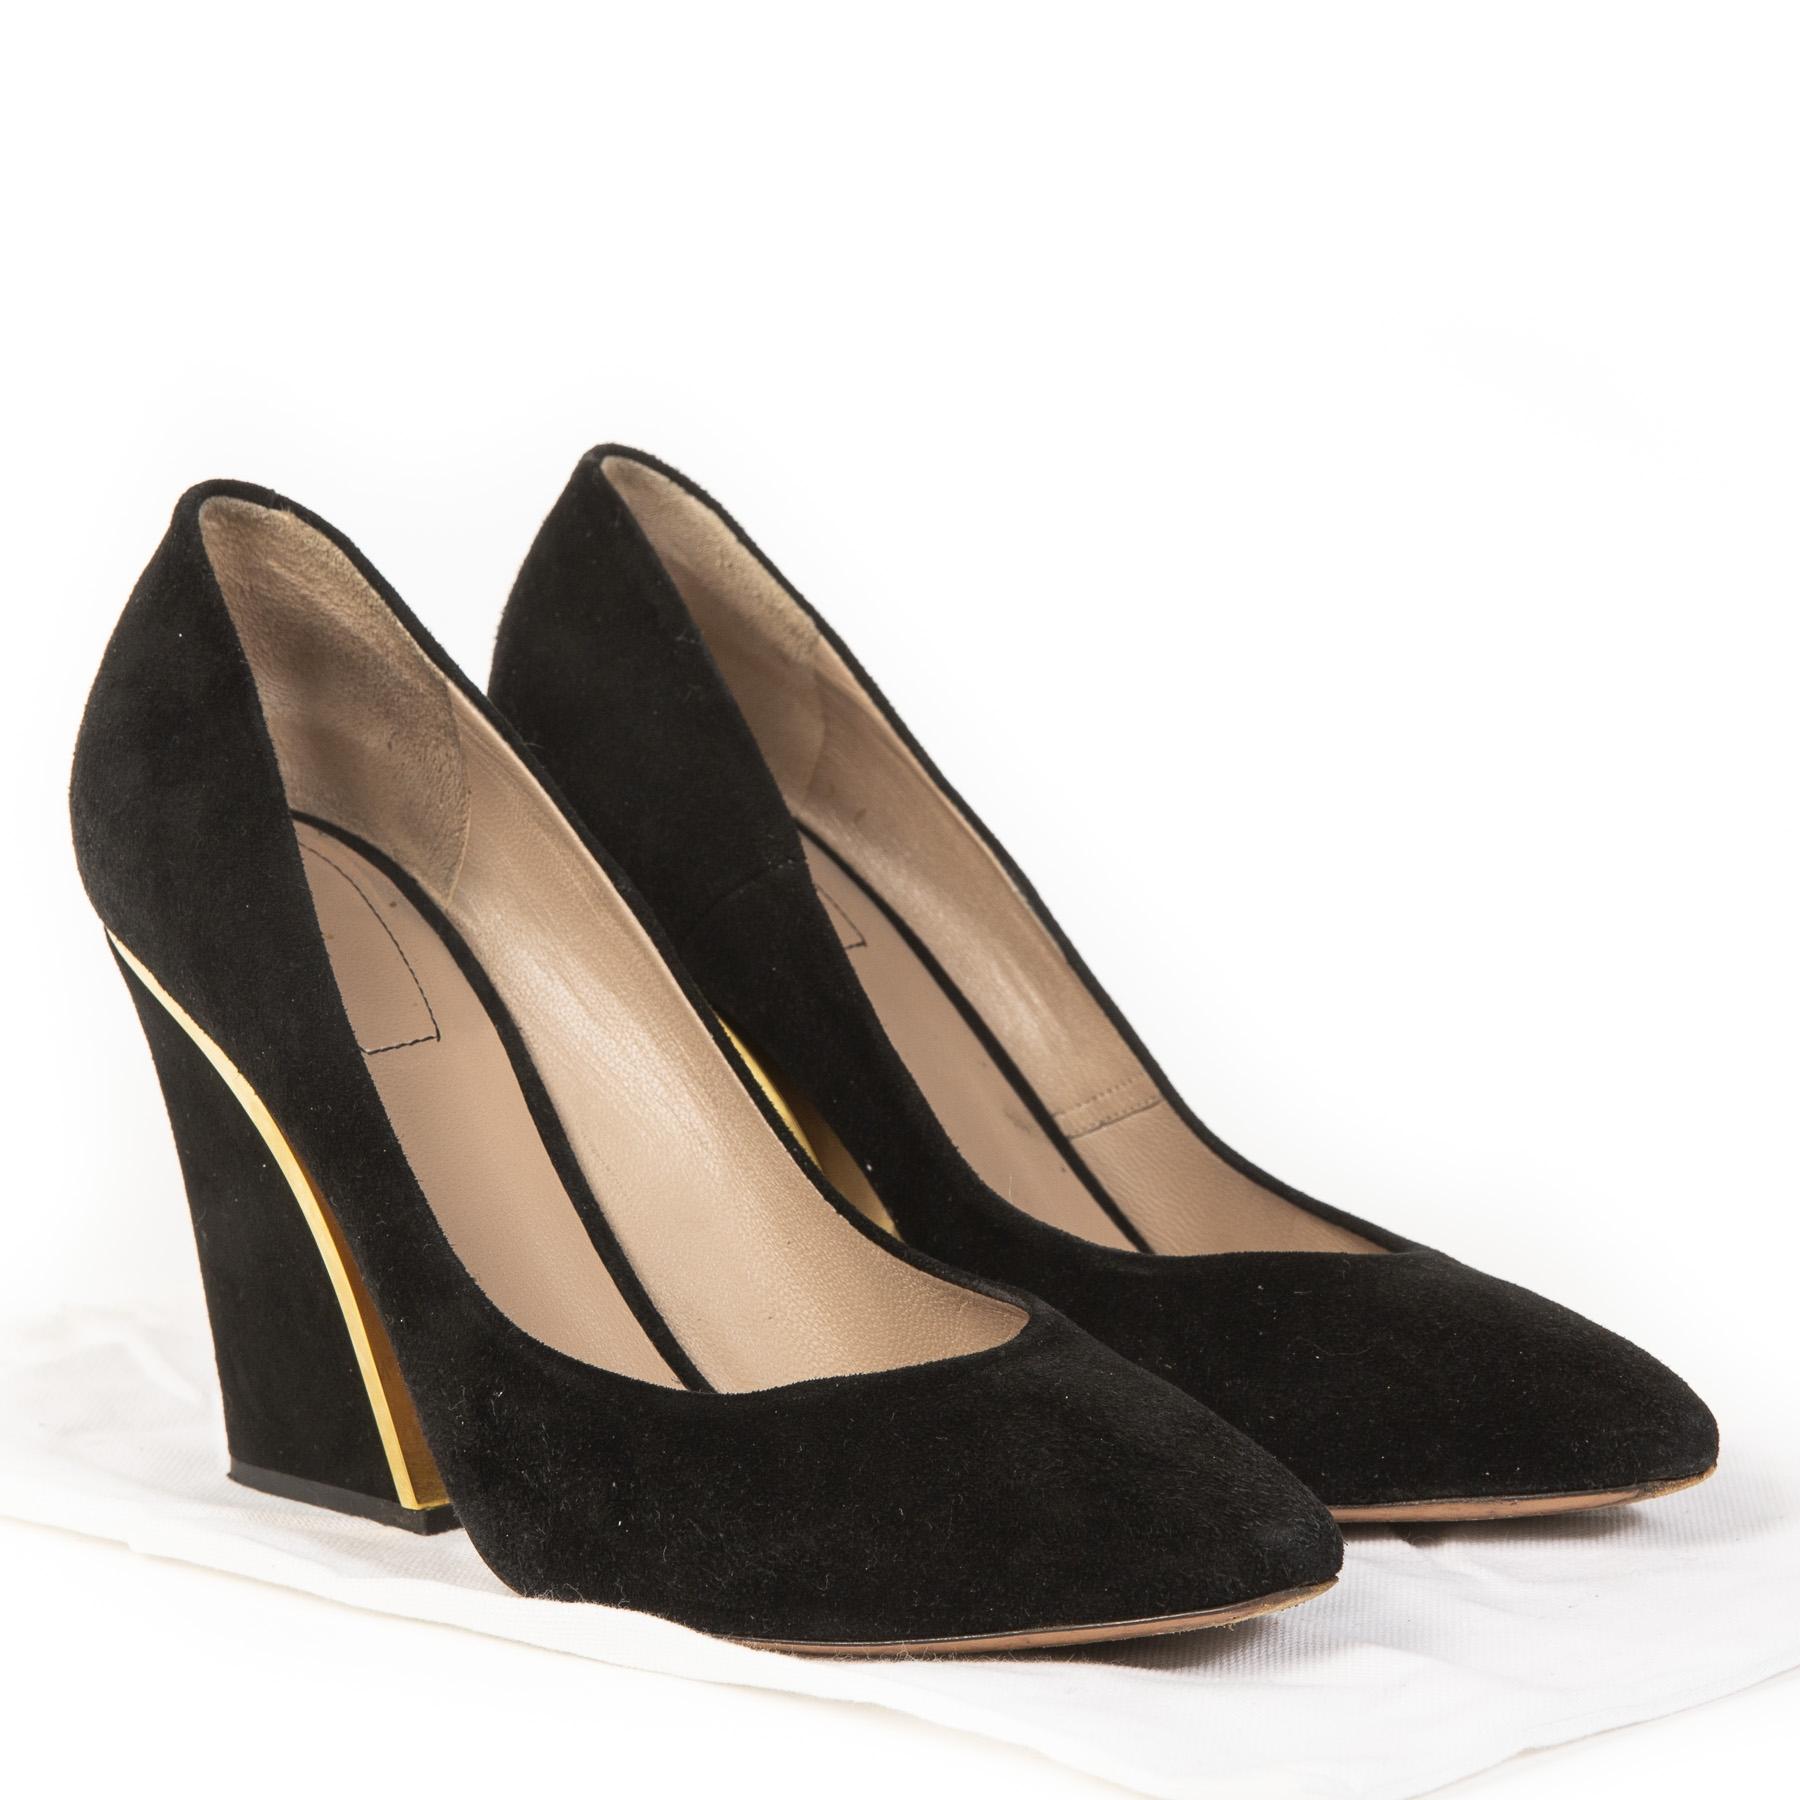 Authentieke Tweedehands Chloé Black Suede Gold-trimmed Pumps juiste prijs veilig online shoppen luxe merken webshop winkelen Antwerpen België mode fashion